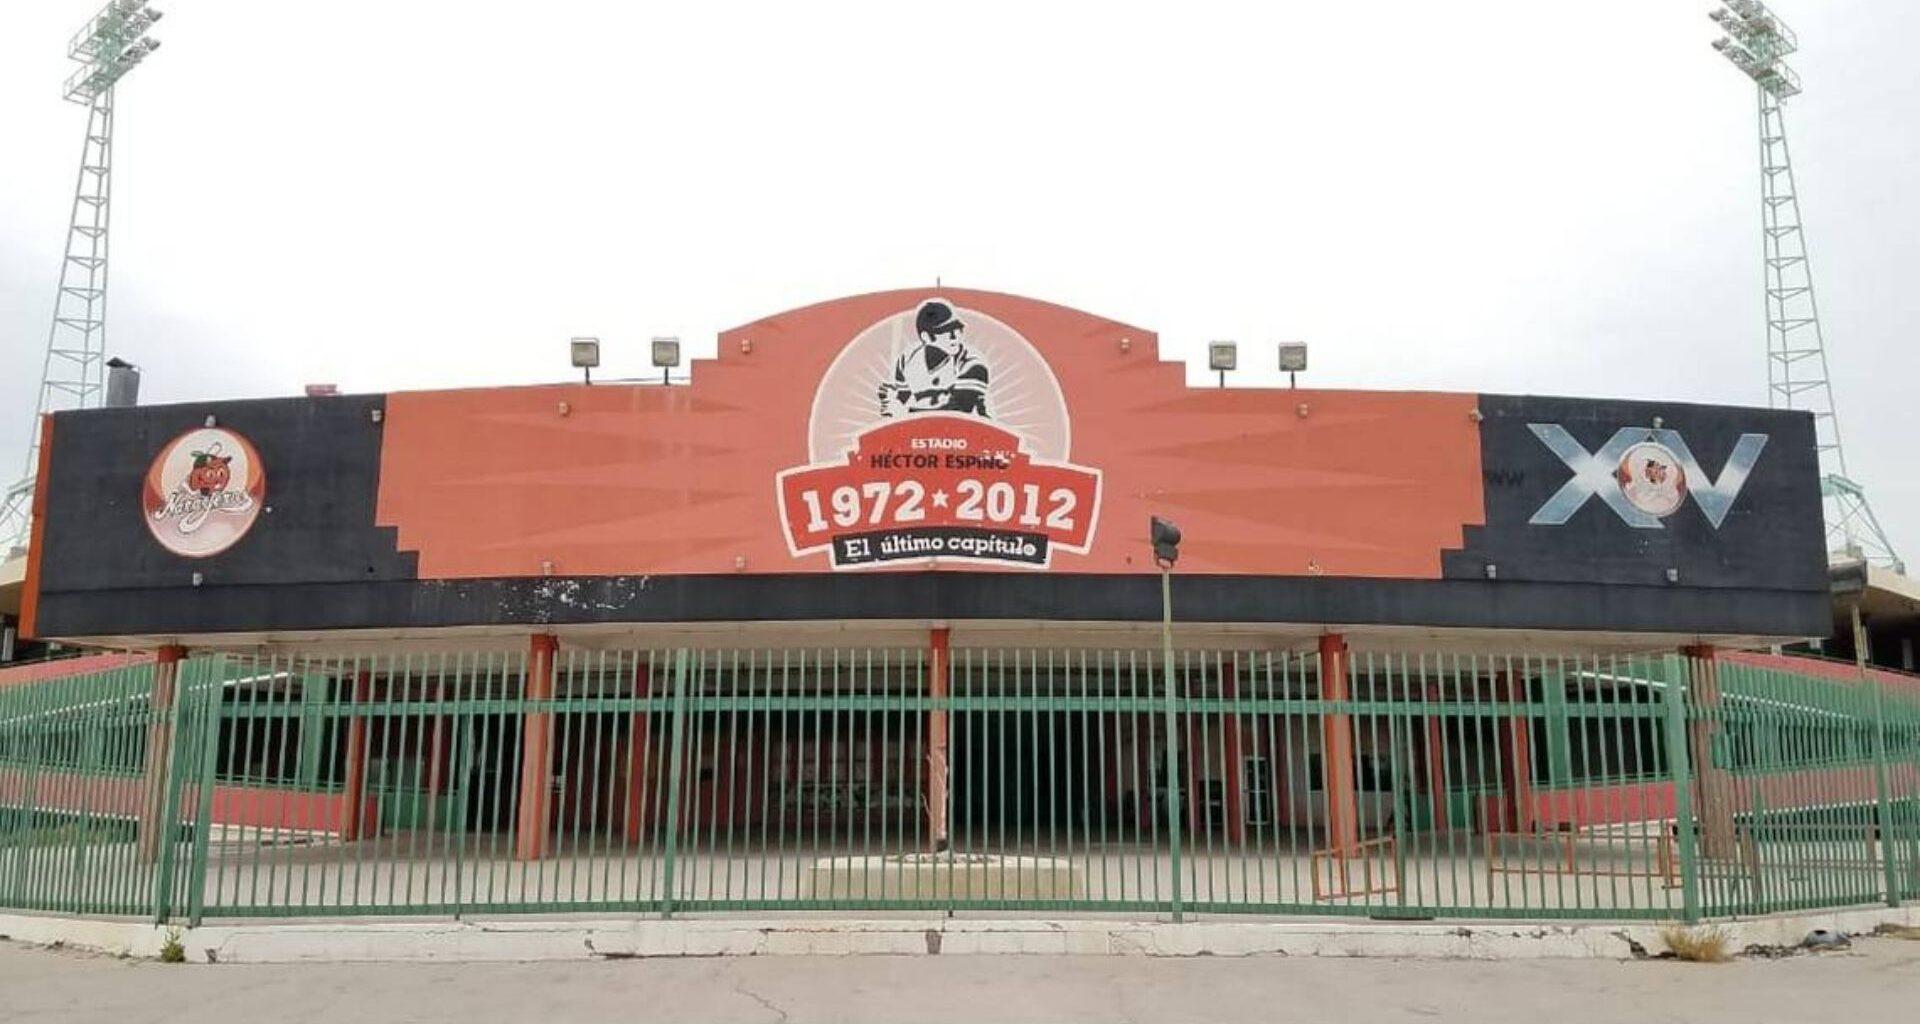 frente del estadio de béisbol Héctor Espino